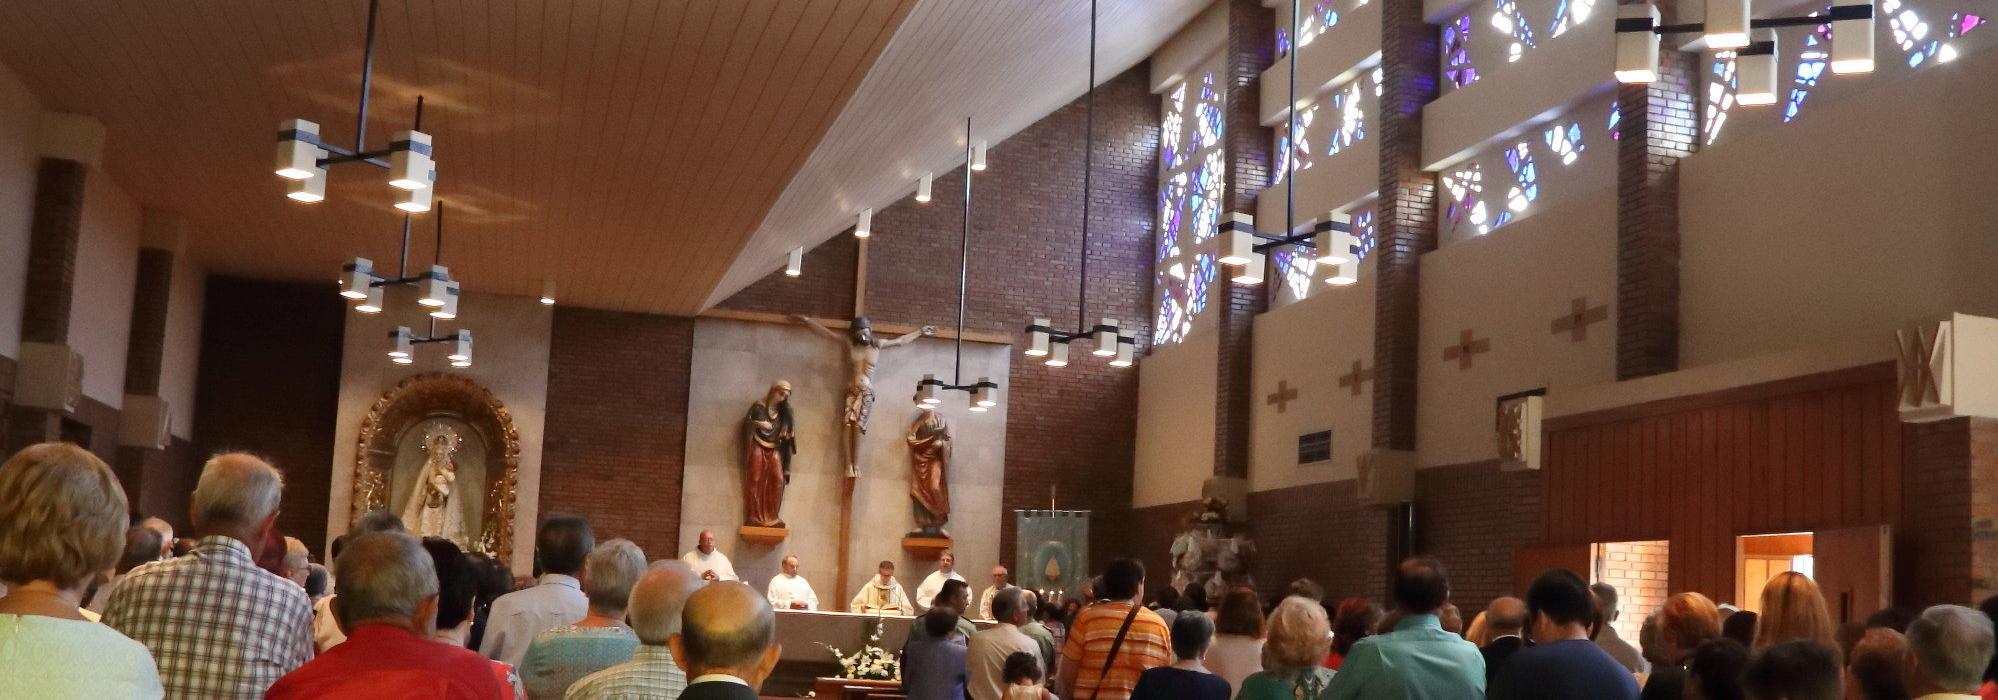 Parroquia de la Asuncion - Santa María de Huerta